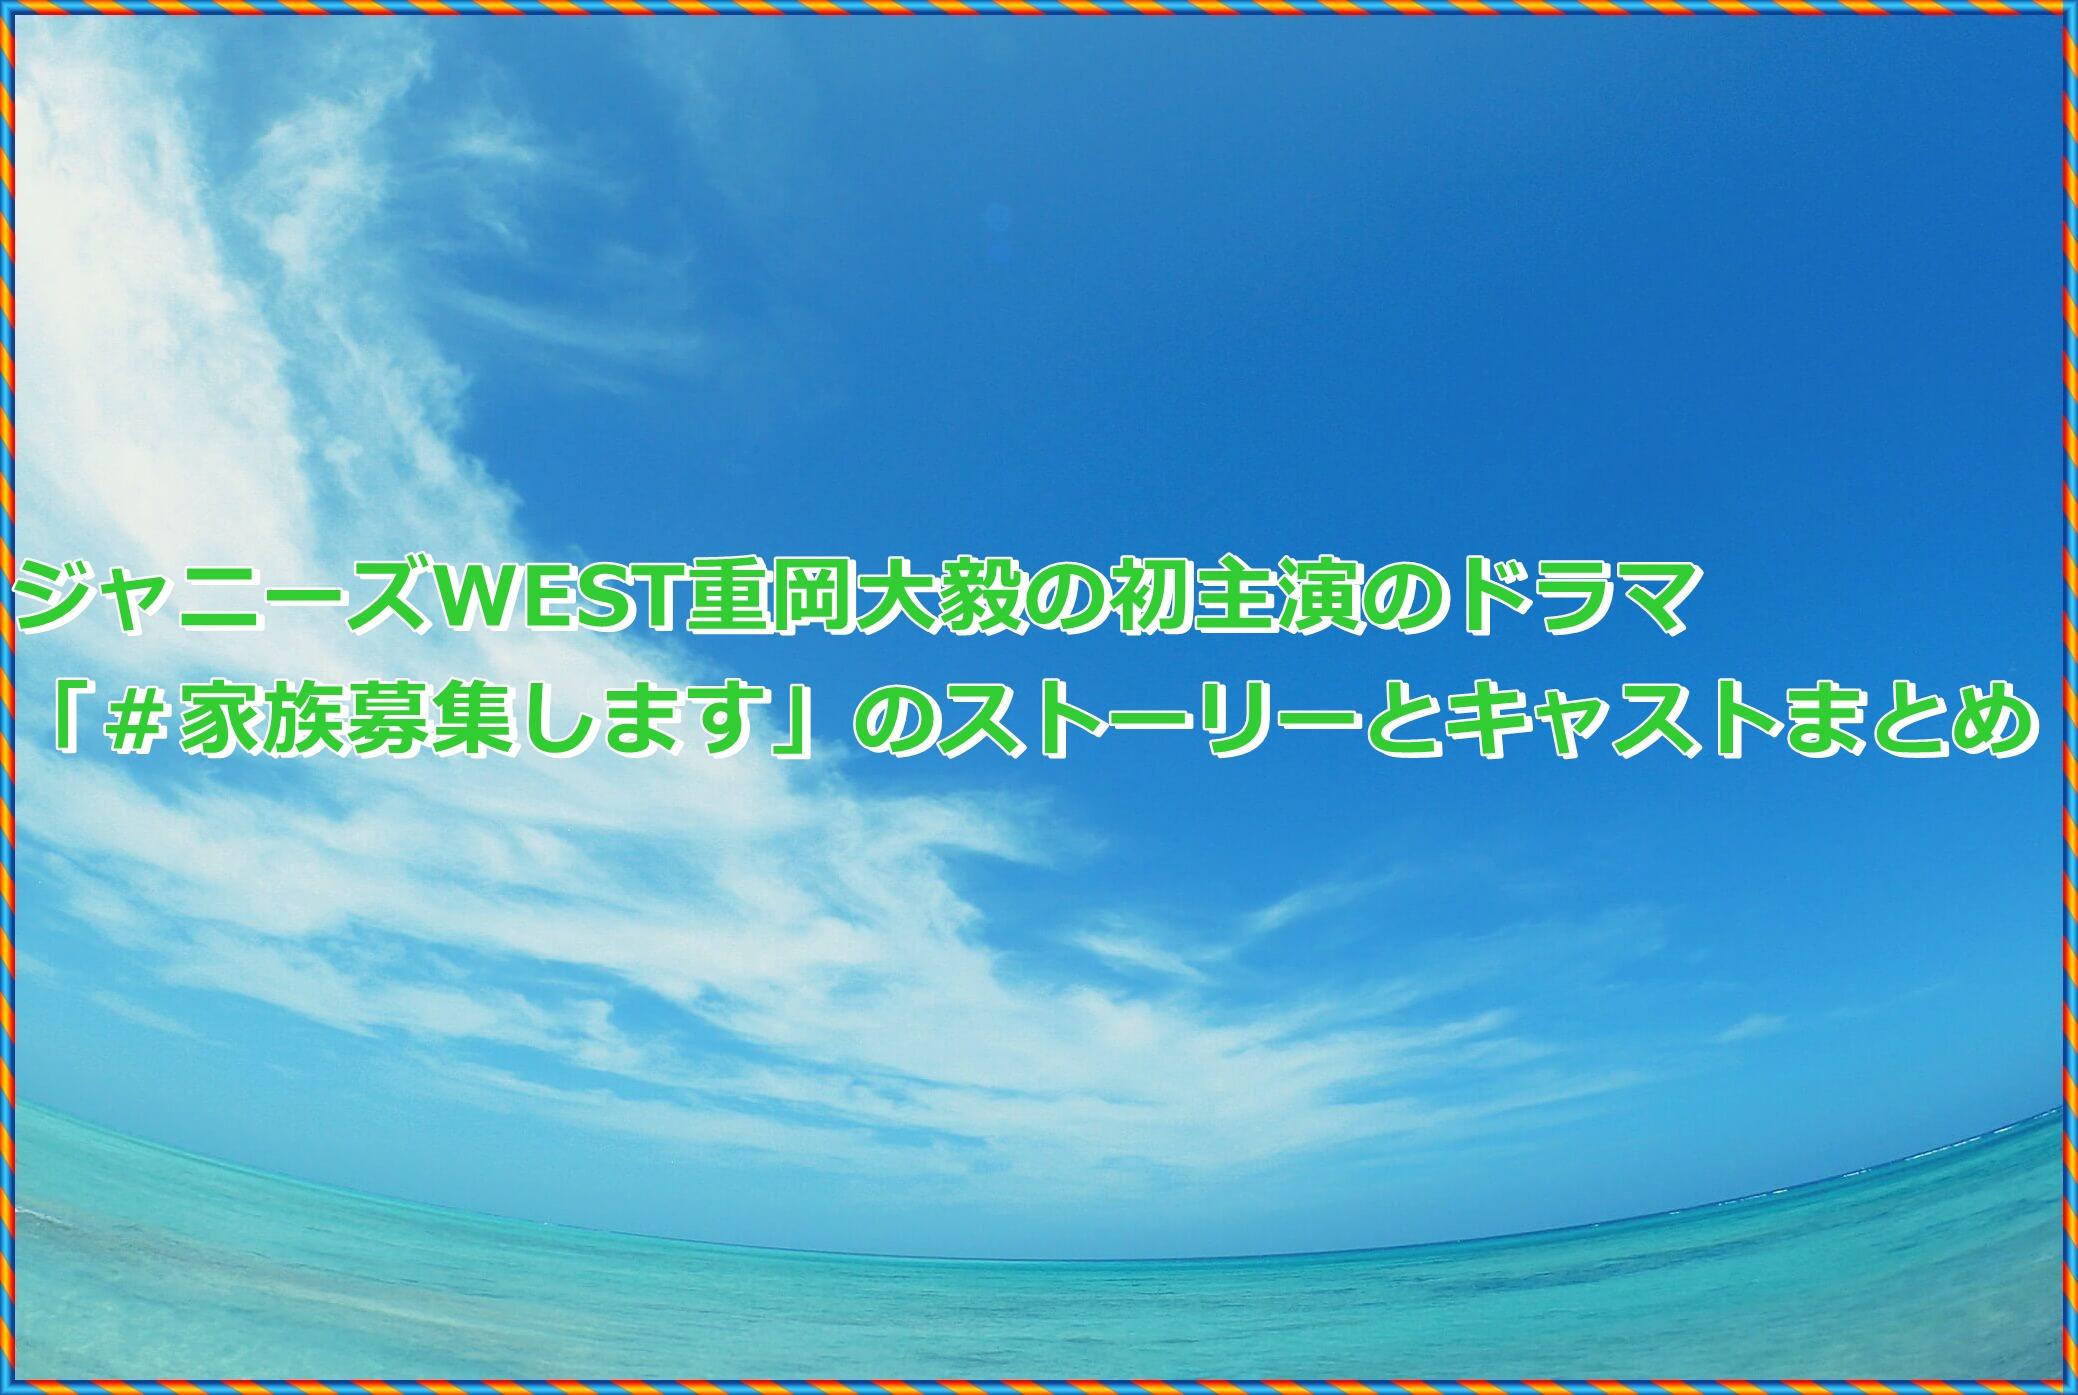 ジャニーズWEST重岡大毅の初主演のドラマ#家族募集しますのストーリーとキャストまとめ